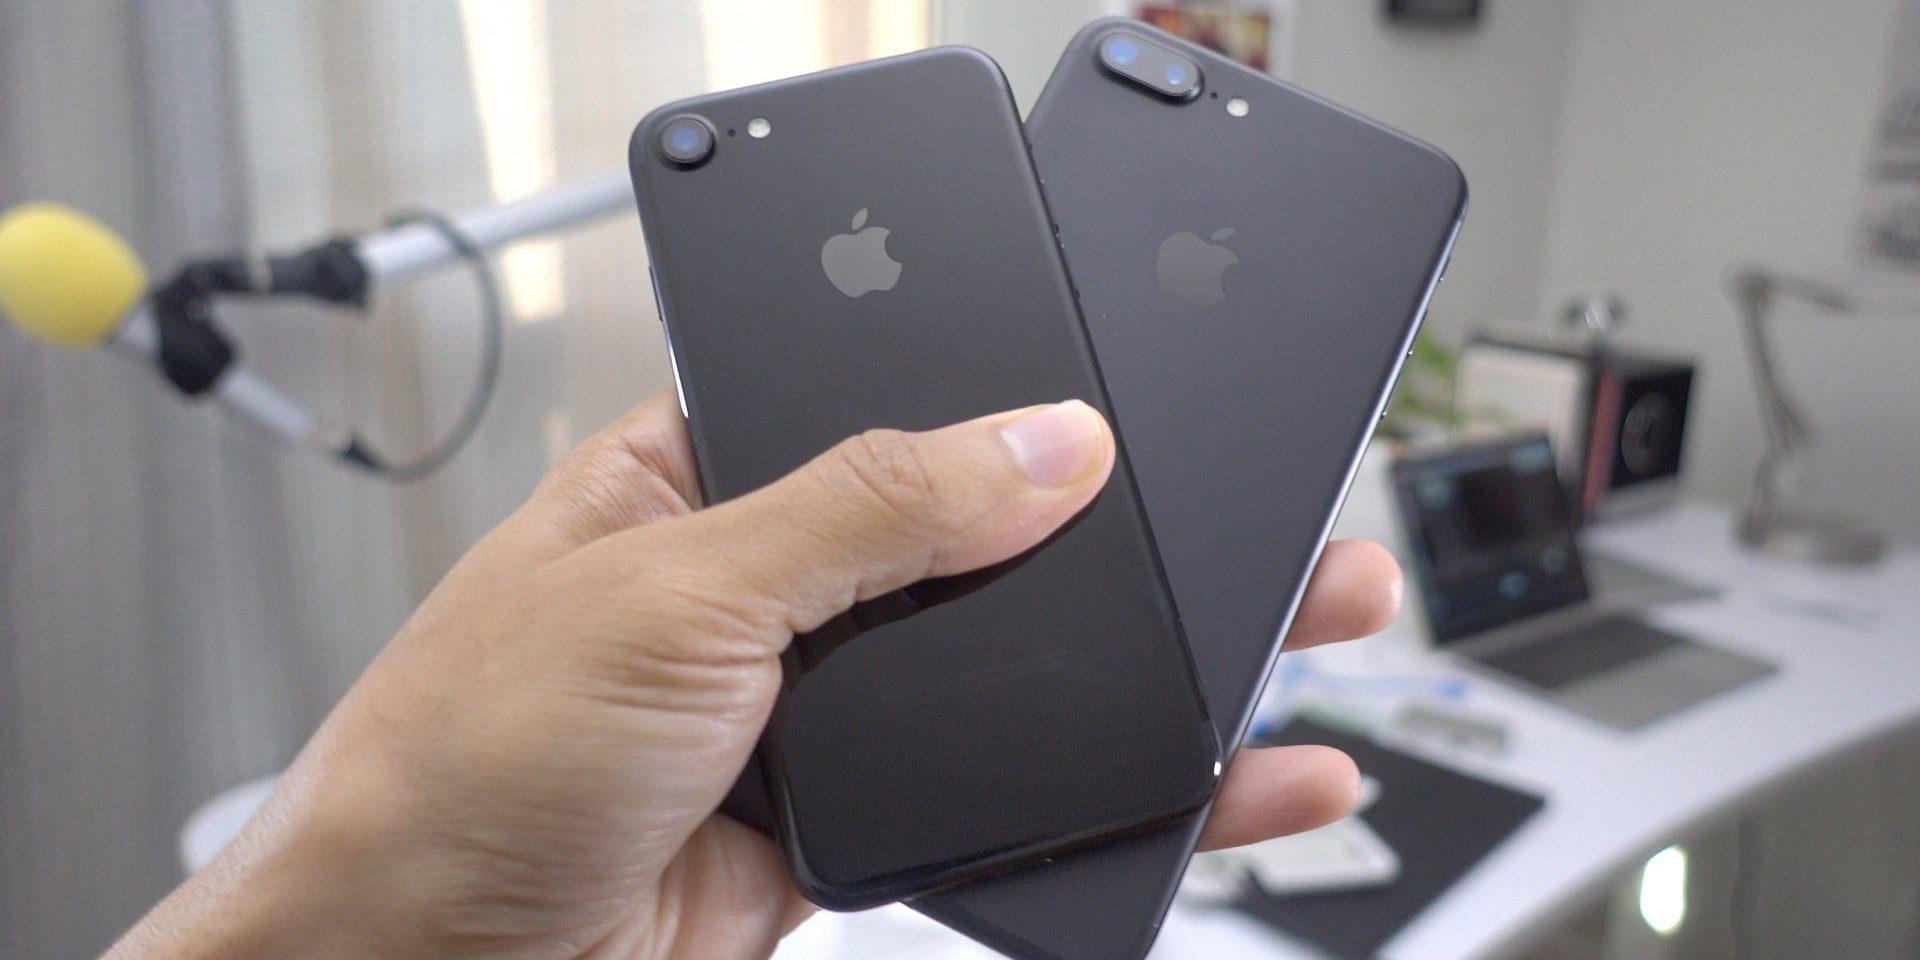 legjobb ingyenes iPhone csatlakoztatási alkalmazások minsk társkereső ügynökség